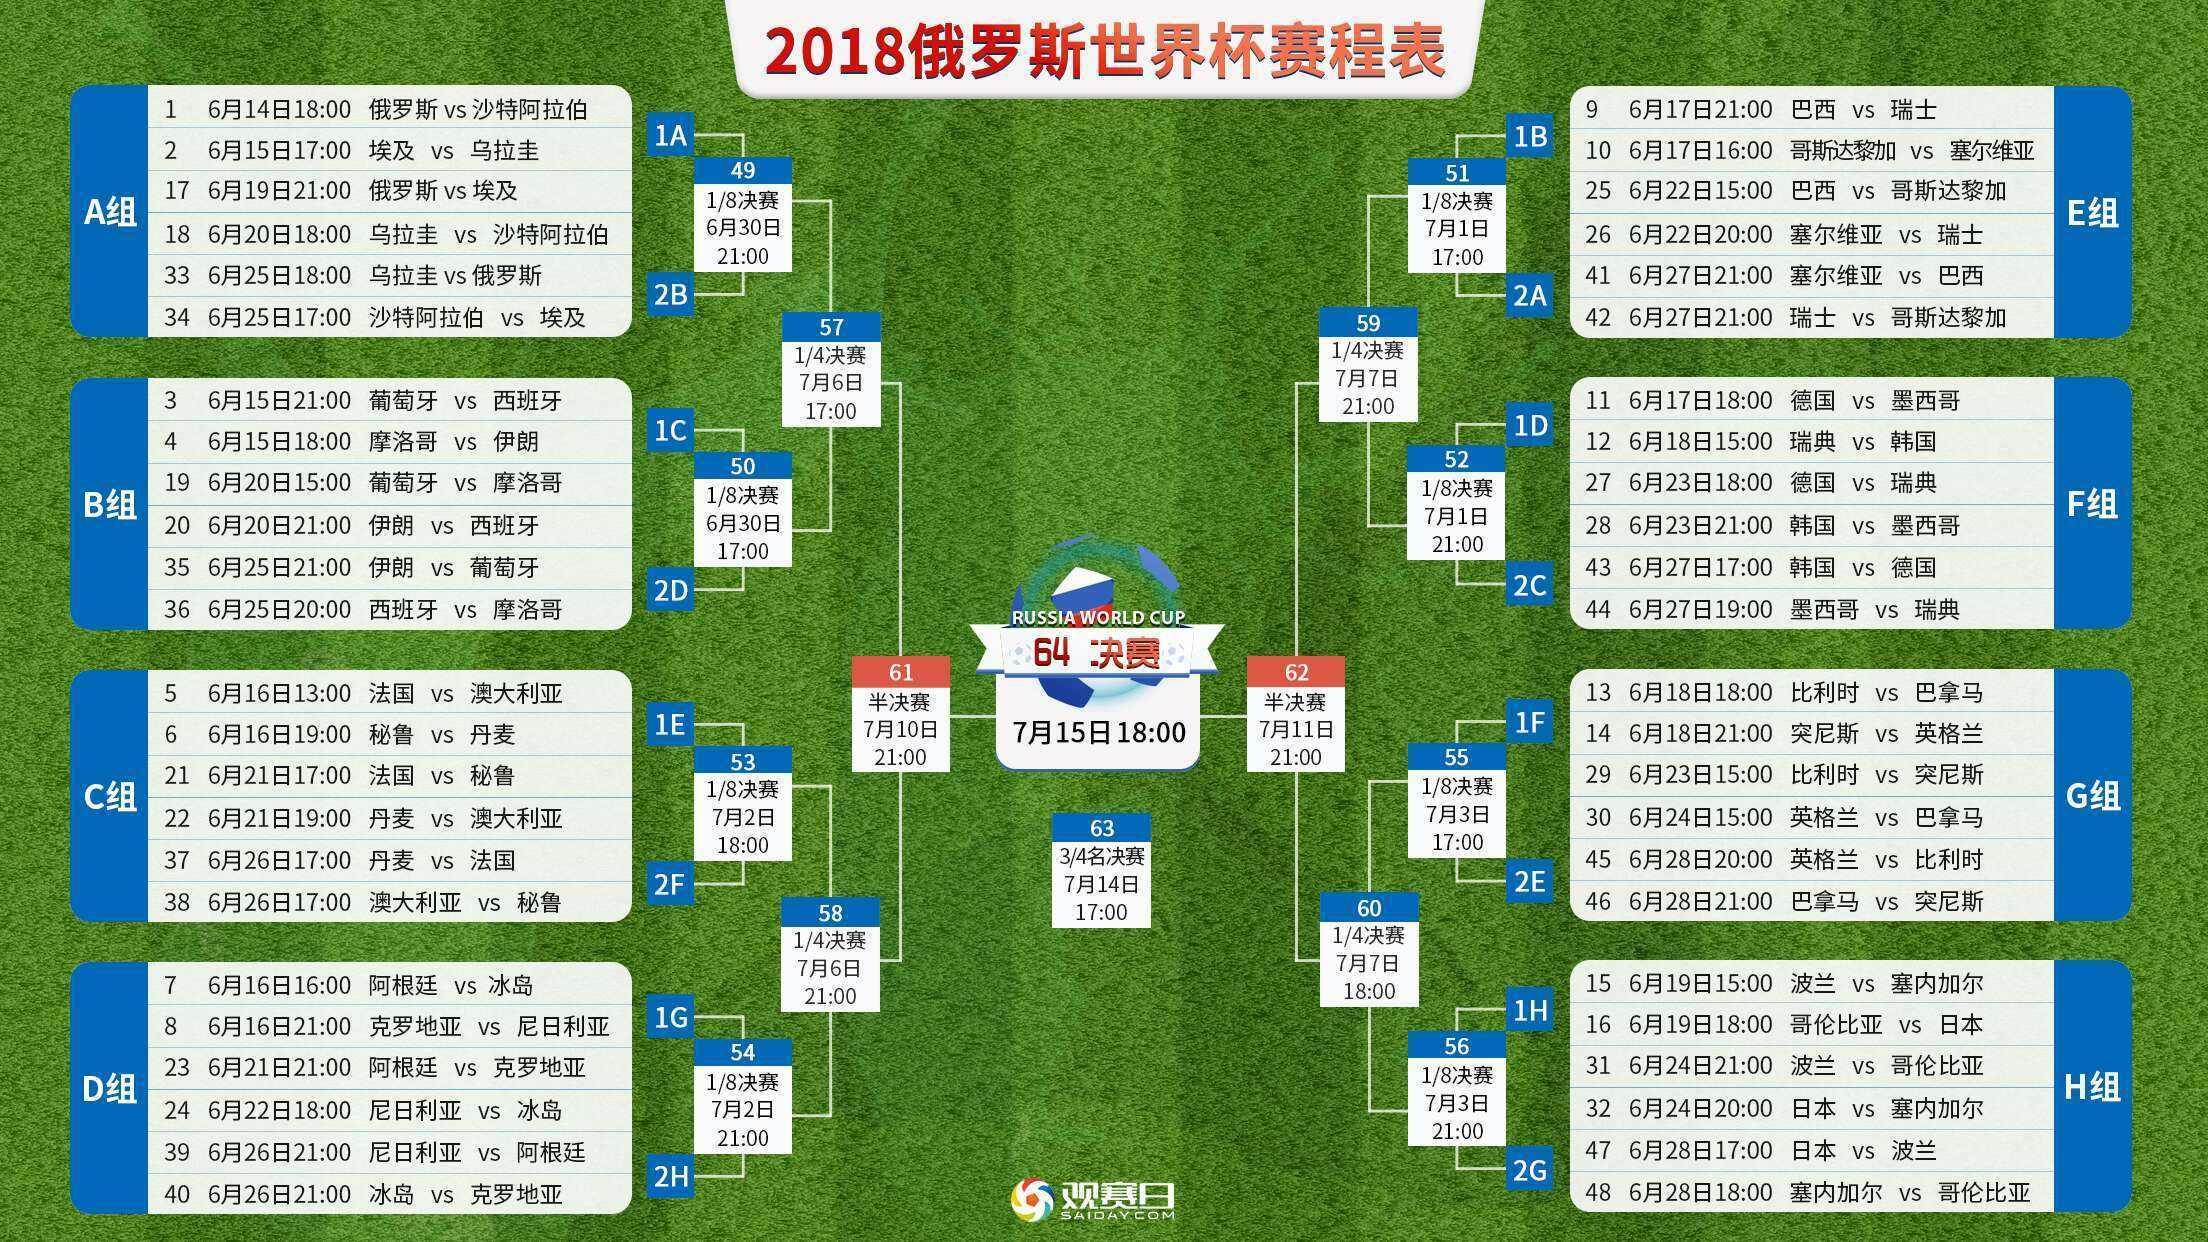 世界杯赛程 世界杯赛程表 2018世界杯赛程时间